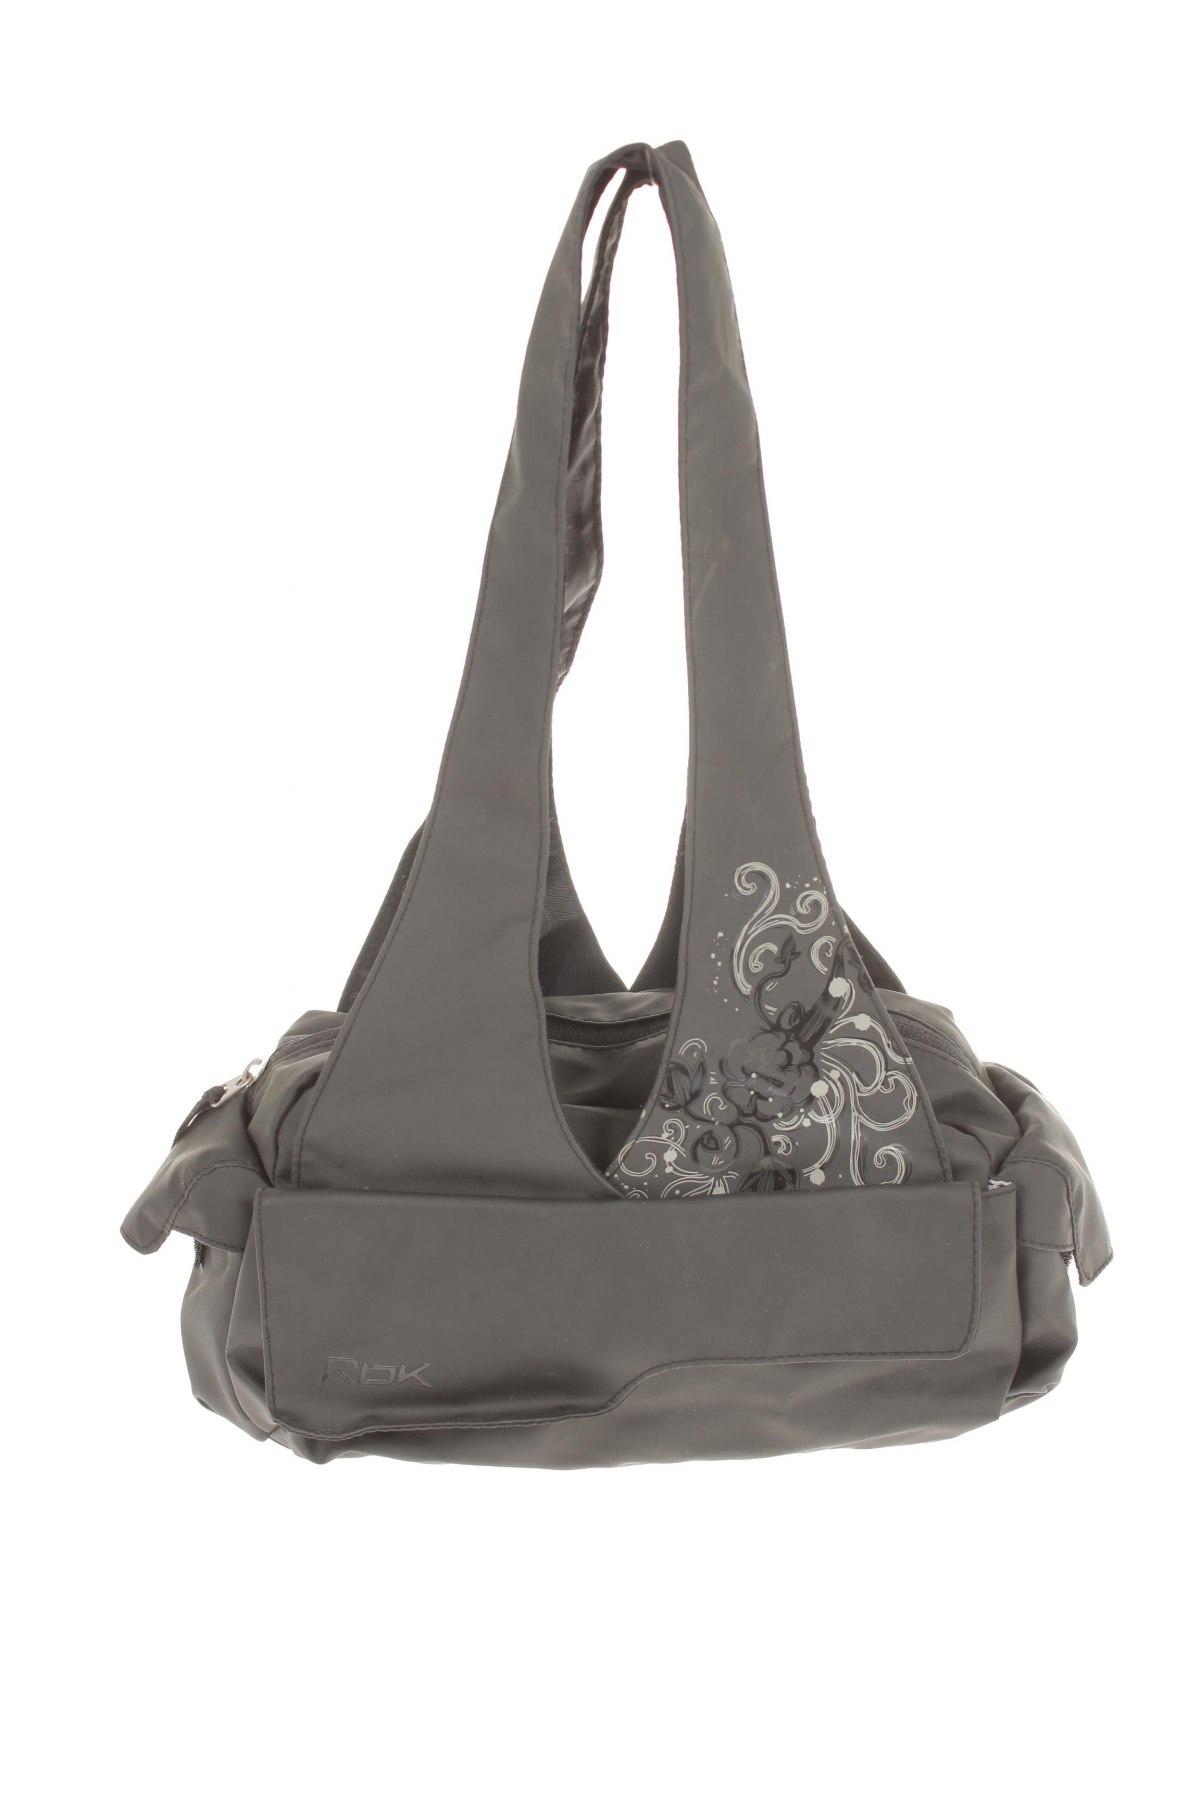 Női táska Reebok - kedvező áron Remixben -  102671335 1ecdb2ef38